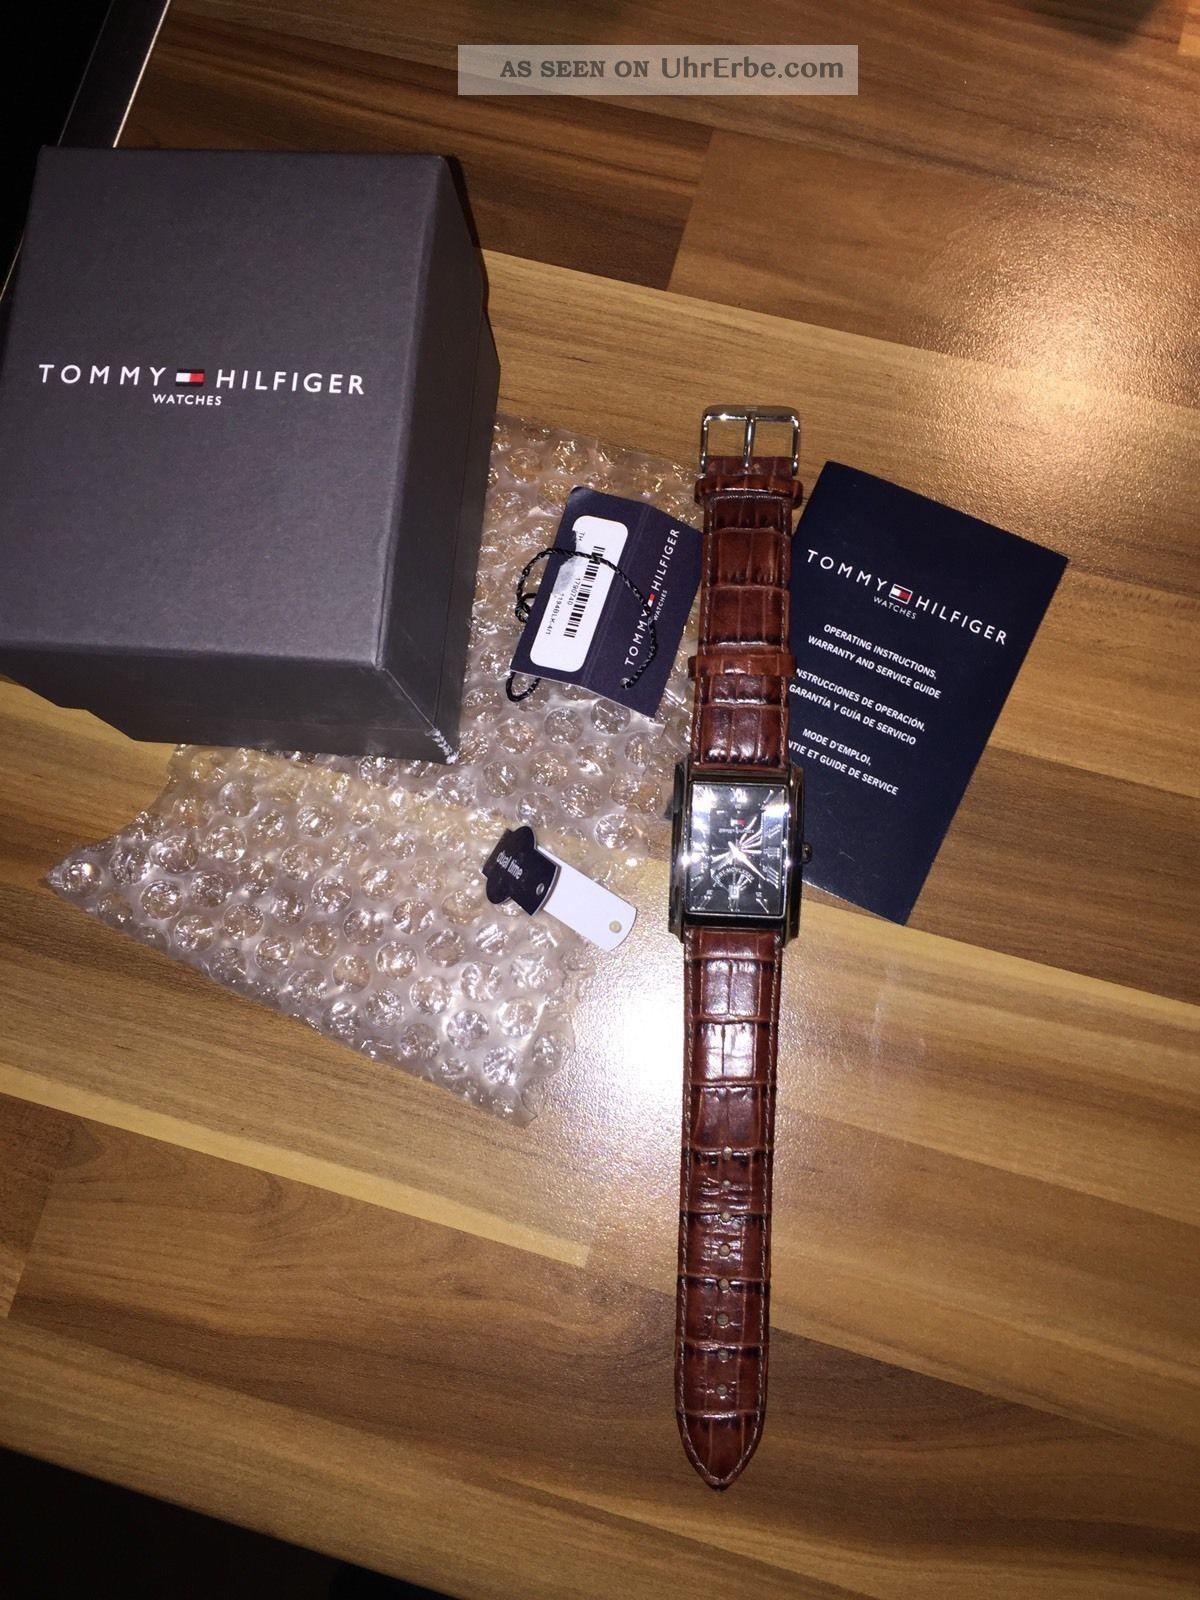 Tommy Hilfiger Herrenuhr / Wie / Im Absolutem /ansehen Armbanduhren Bild